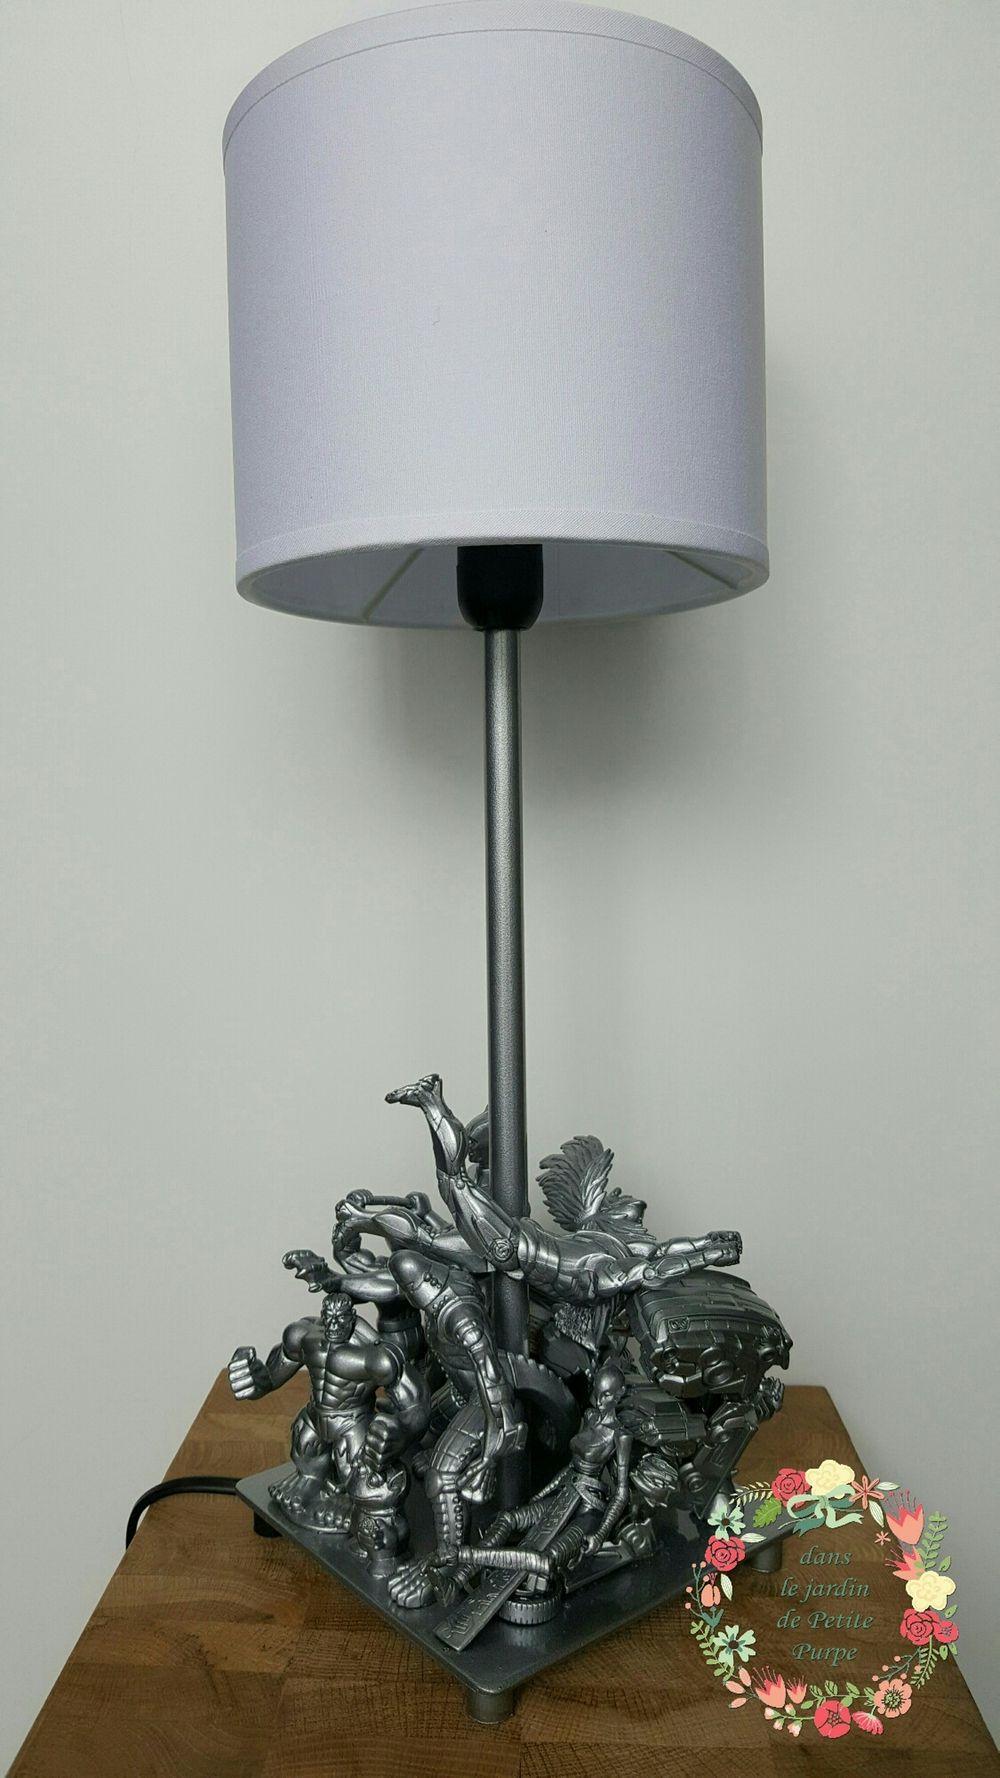 lampe swarovski liste bild oder bfffaceafbbbcfc